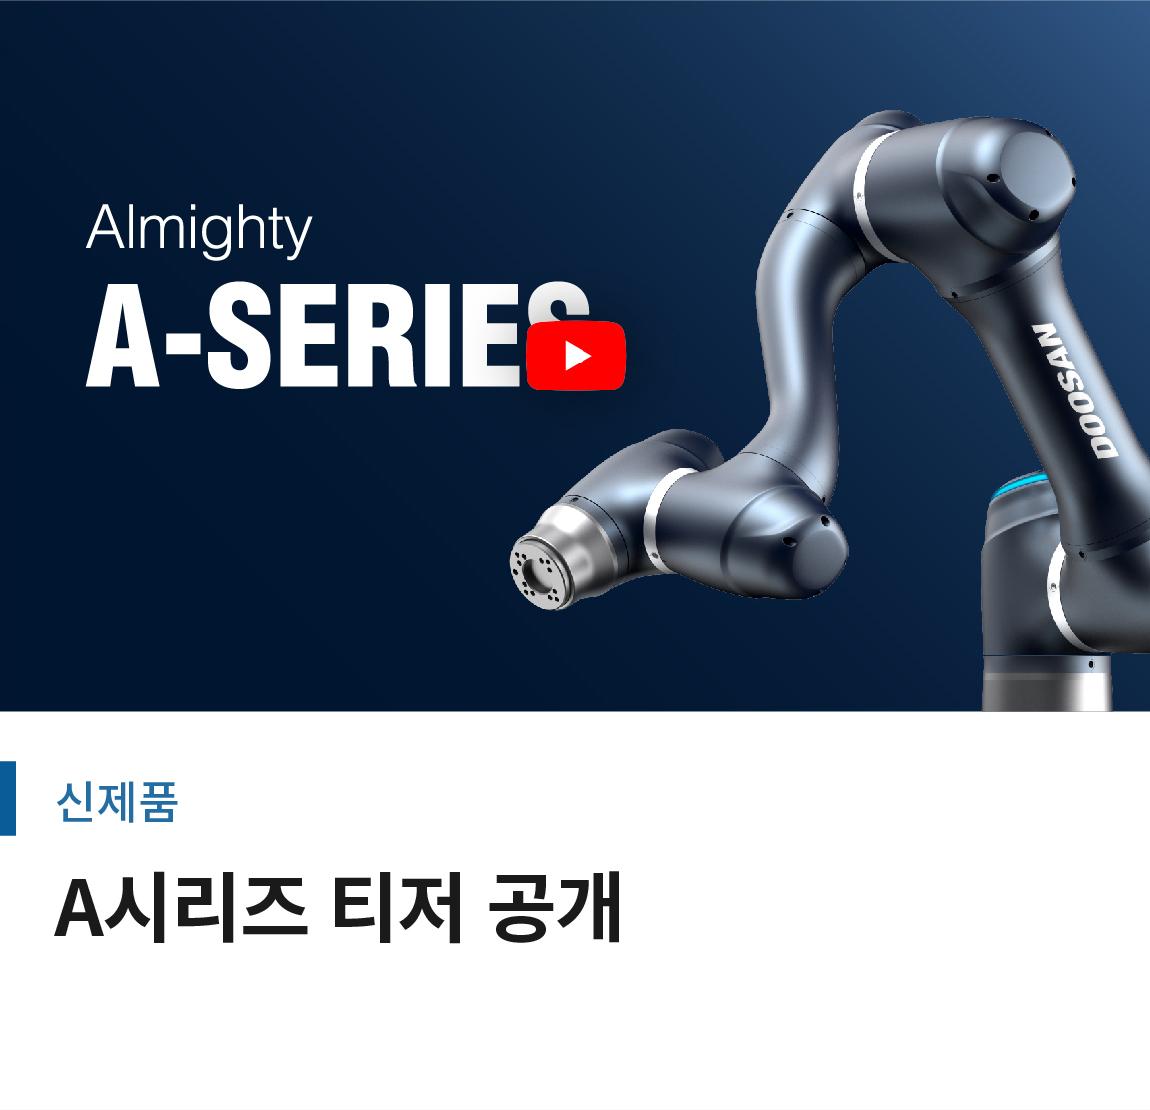 신제품 A-SERIES 티저 공개